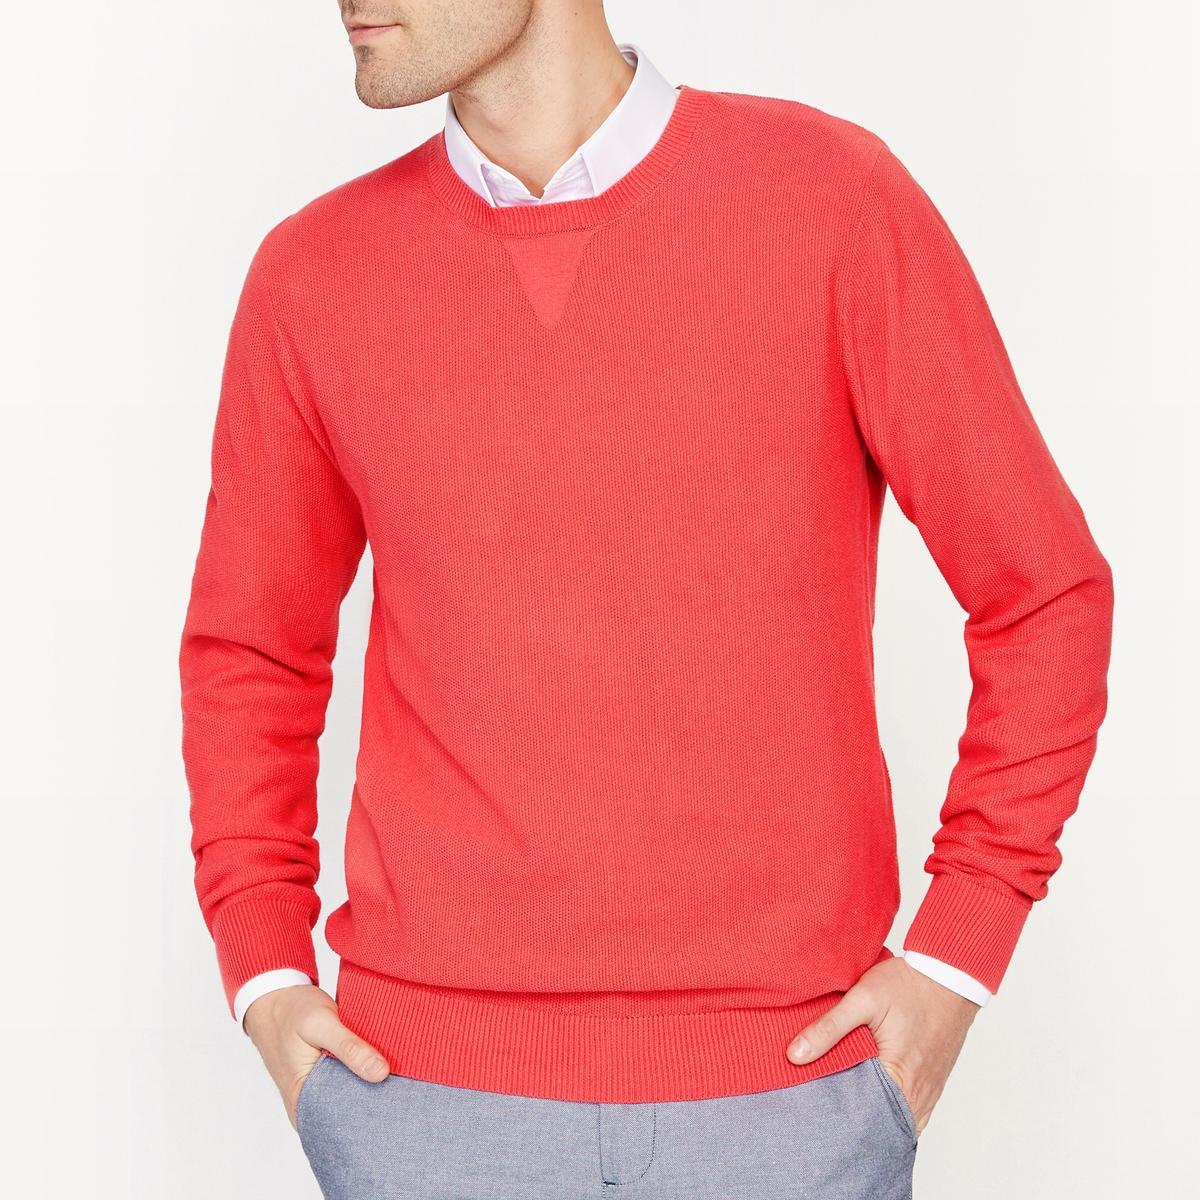 Пуловер с круглым вырезом из оригинального трикотажа, 100% хлопок кардиган из оригинального трикотажа 100